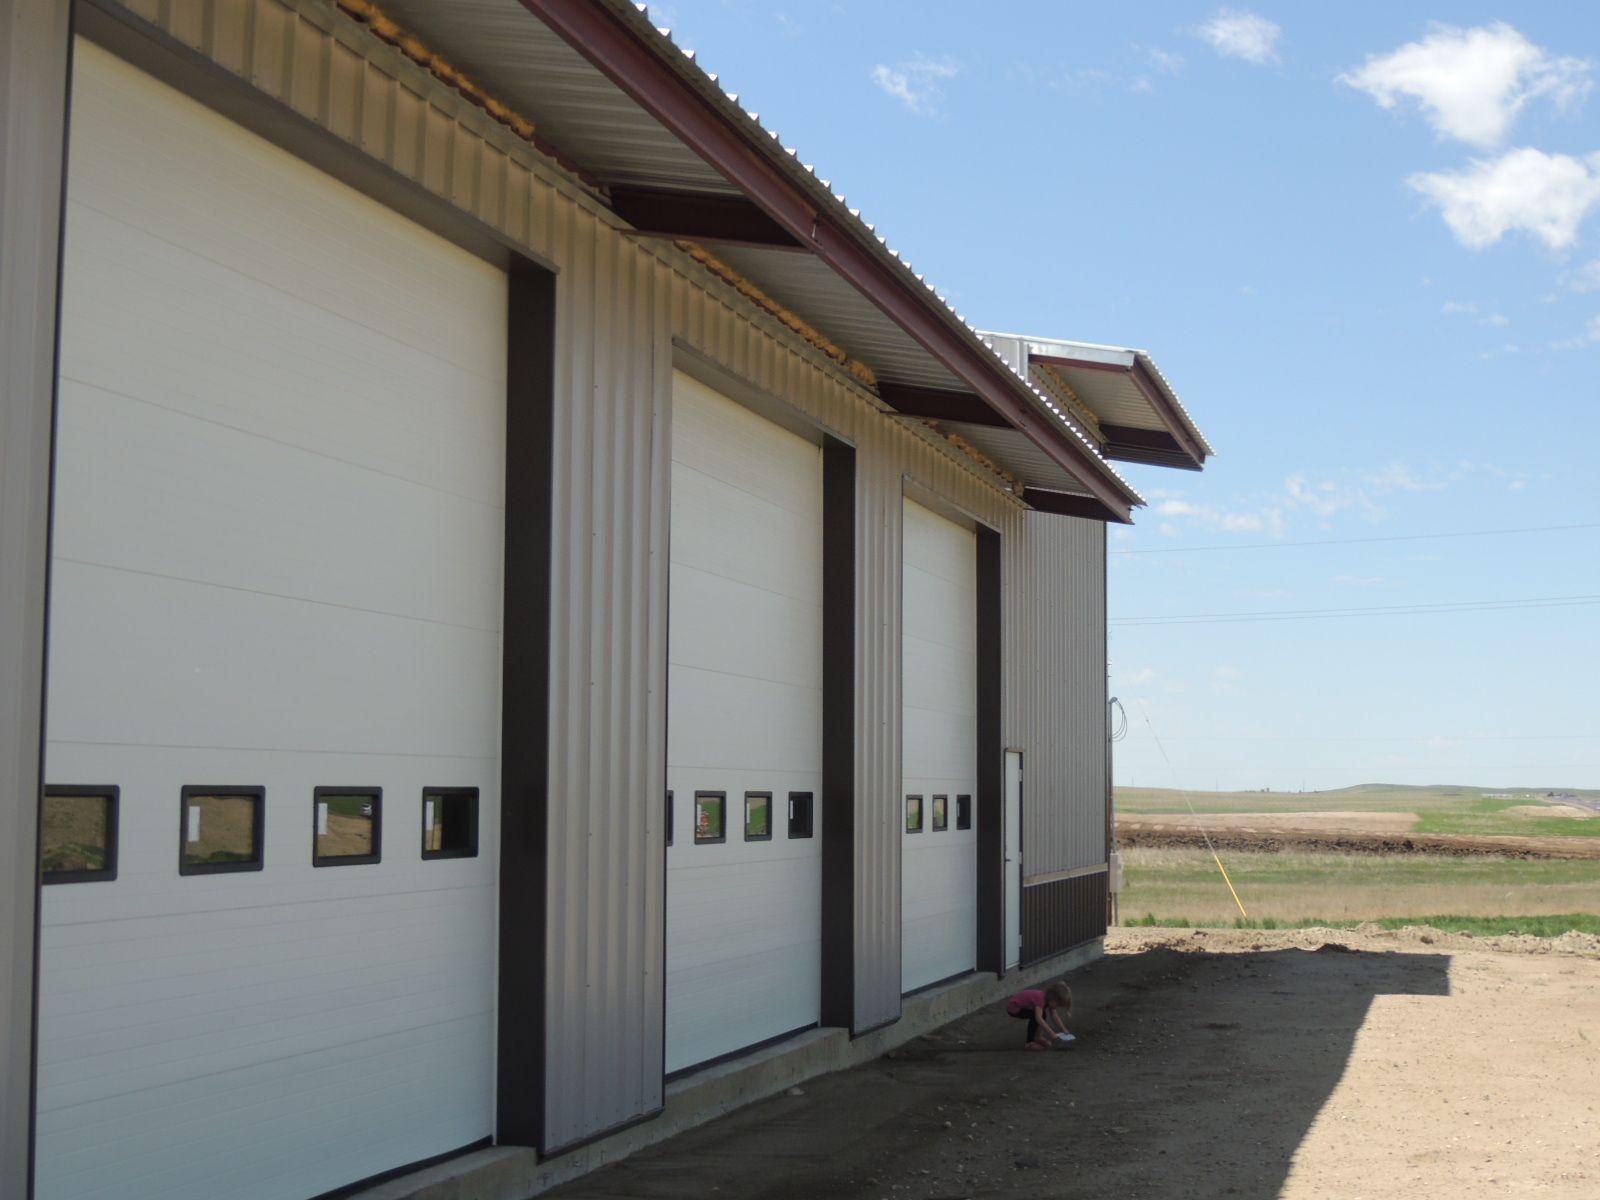 Perfect Preassembled Door Systems, Commercial Entry Doors, Overhead Doors, Roll Up  Doors, Metal Building Doors U0026 Frames From Top Manufacturers.